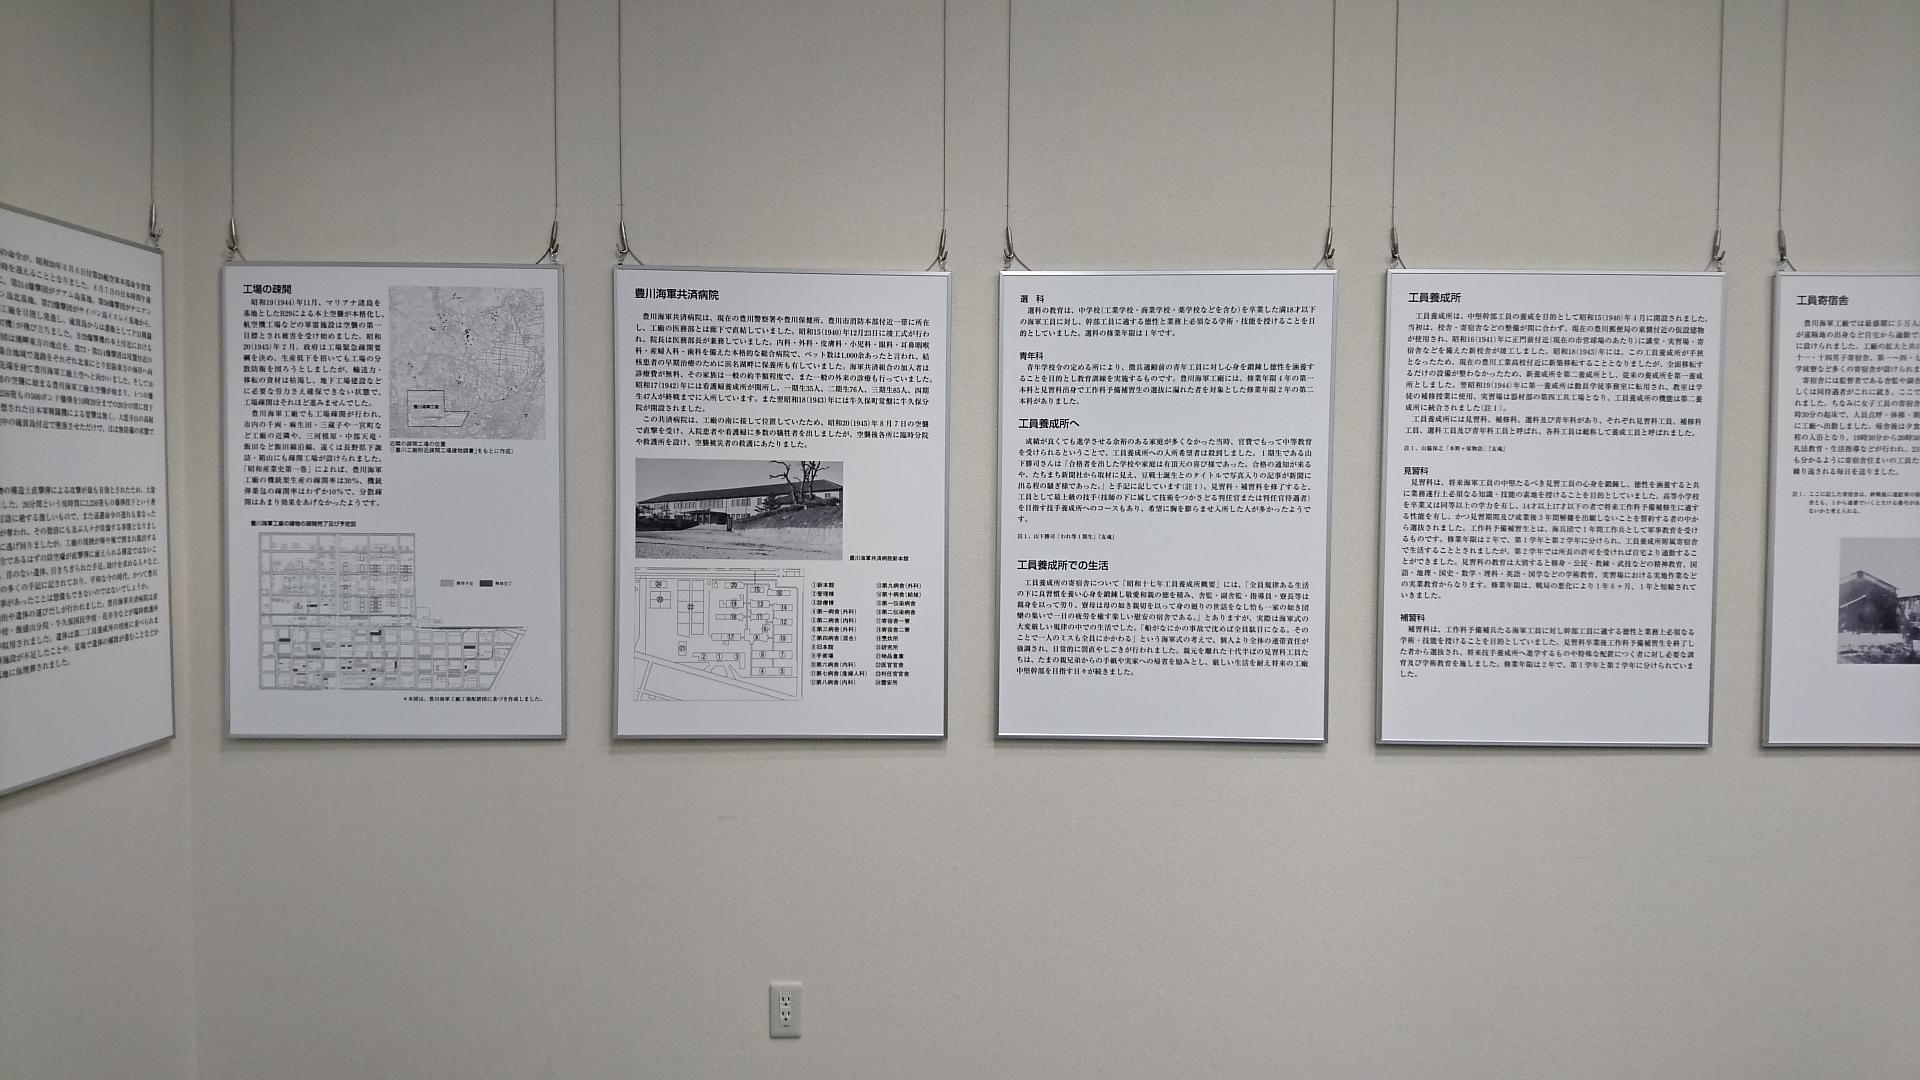 2017.8.30 豊川海軍工廠展 (19) パネル展示 (2) 1920-1080